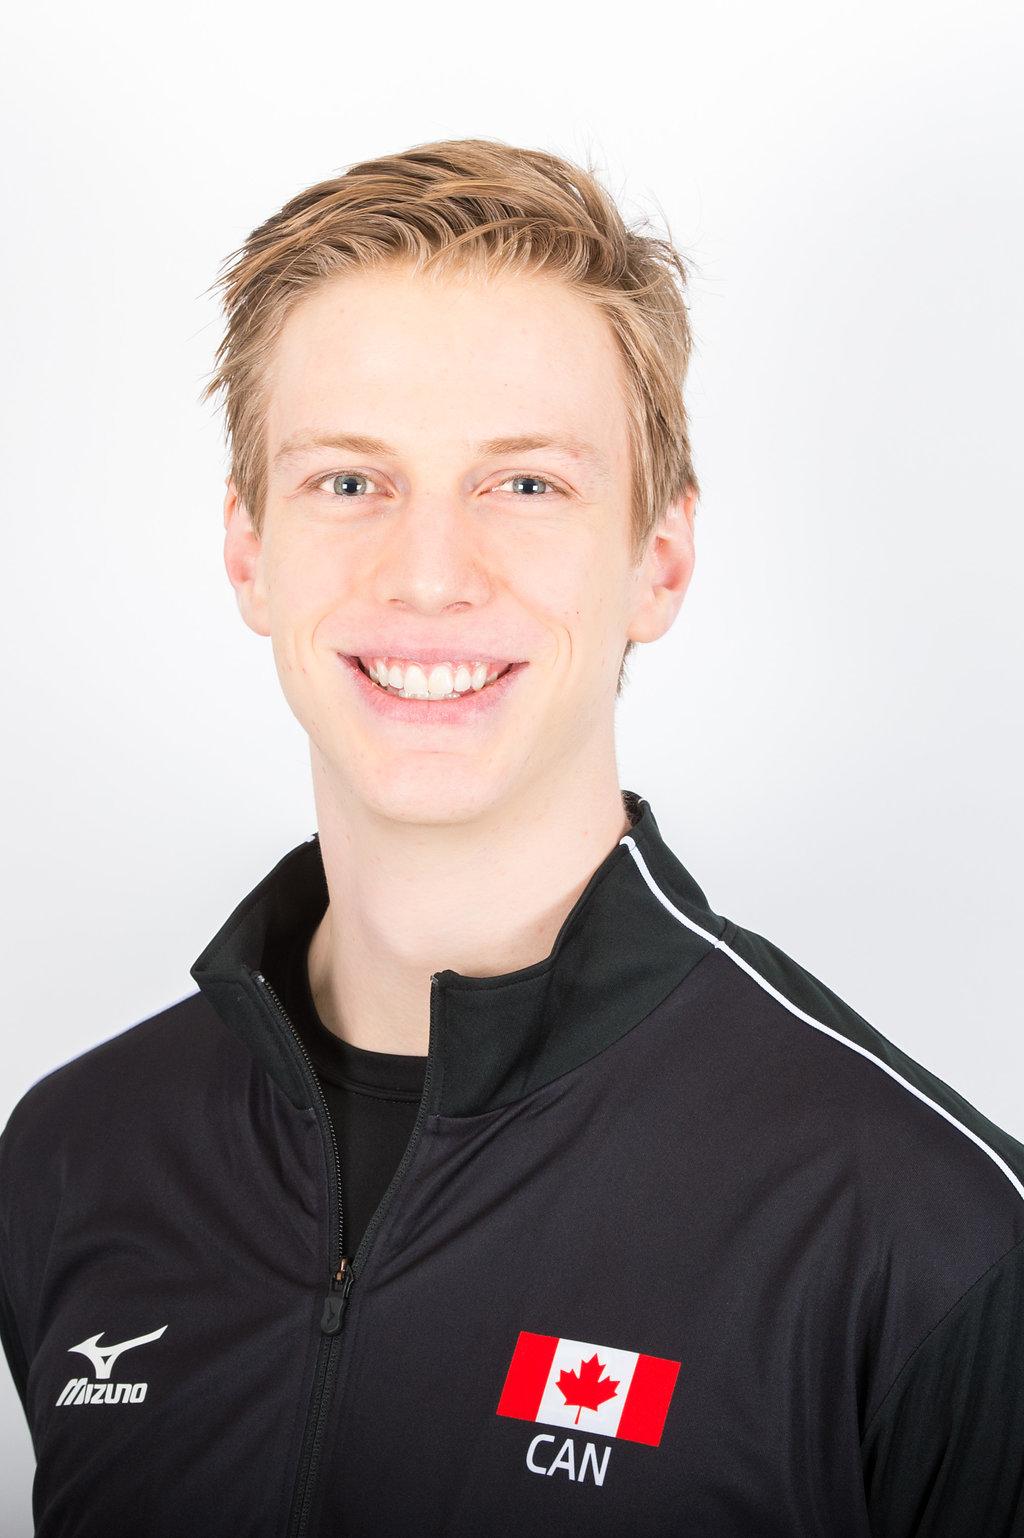 Max Vriend